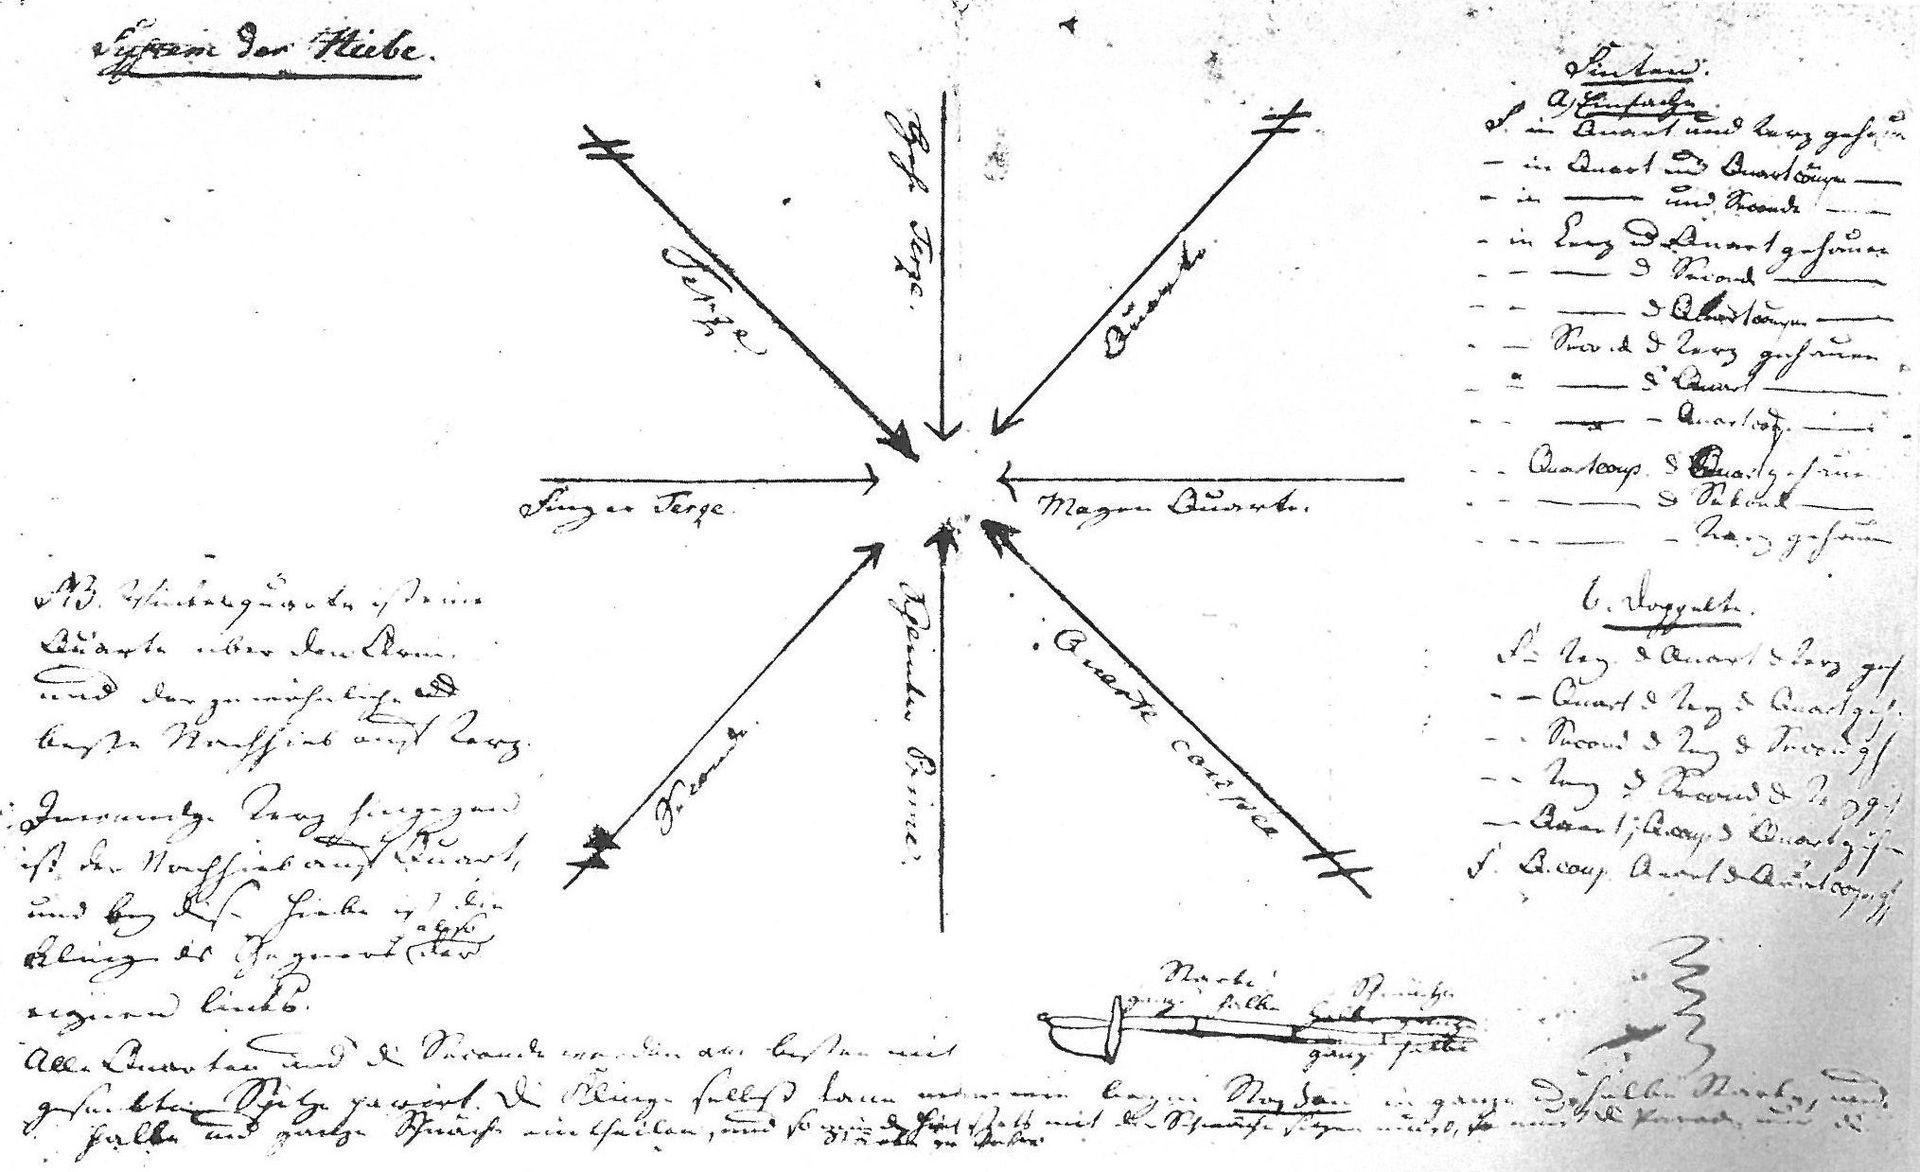 Körners handschriftliche Beschreibung des Systems der Hiebe beim Fechten, entstanden in seiner Freiberger Studienzeit